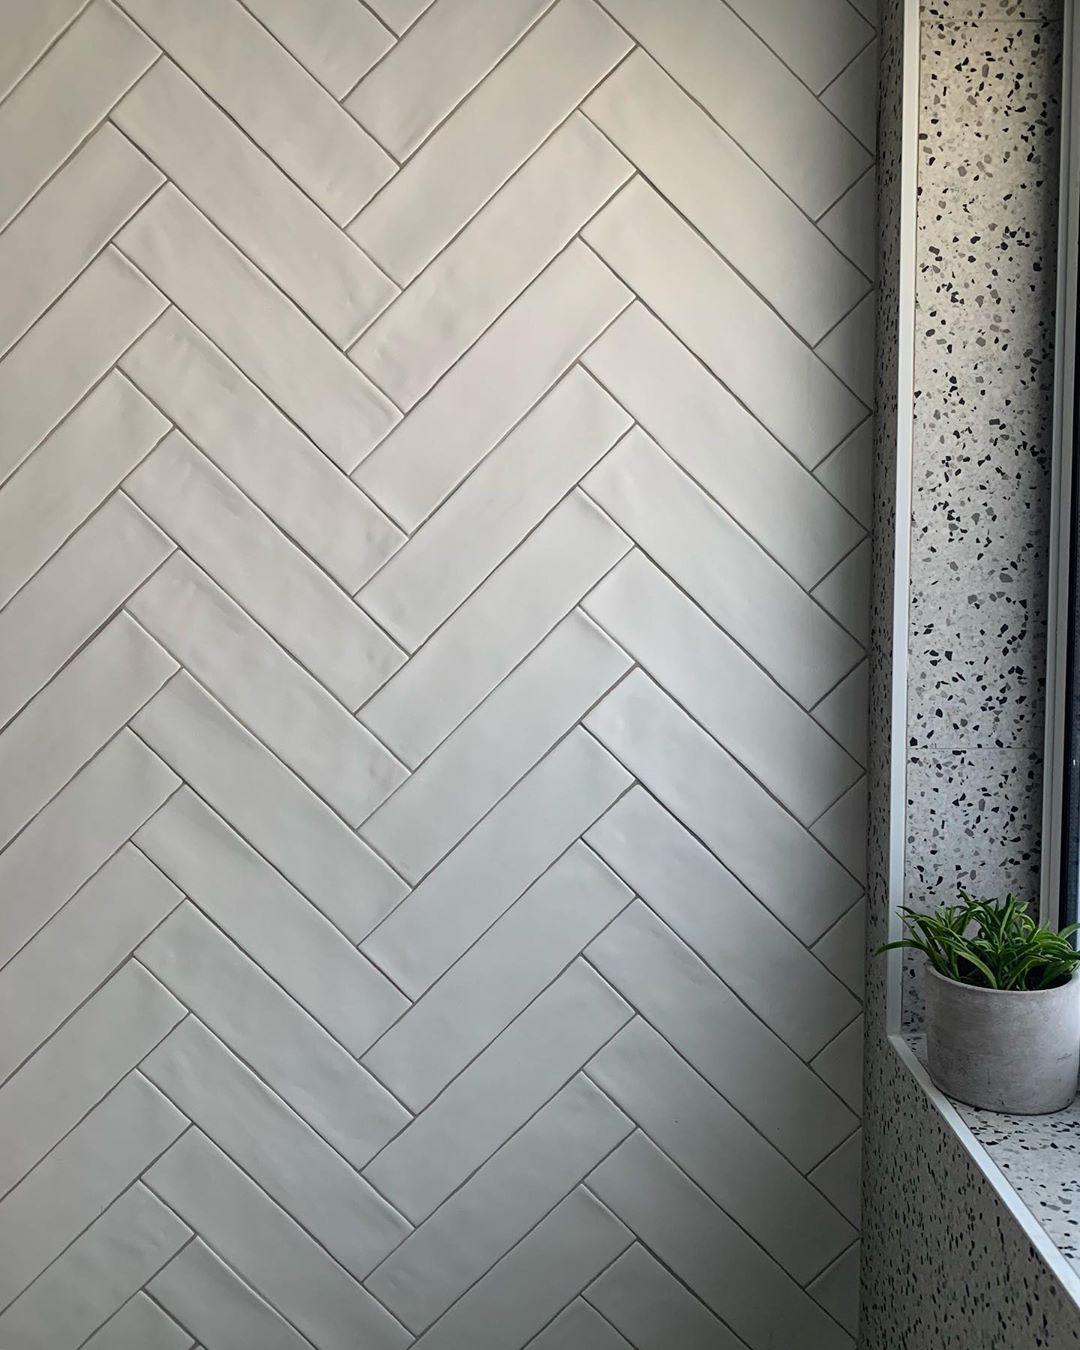 Tilecloud On Instagram Matt White Herringbone In New Classic Who Is Planning On Doing It White Herringbone Tile Herringbone Tile Bathroom Herringbone Tile